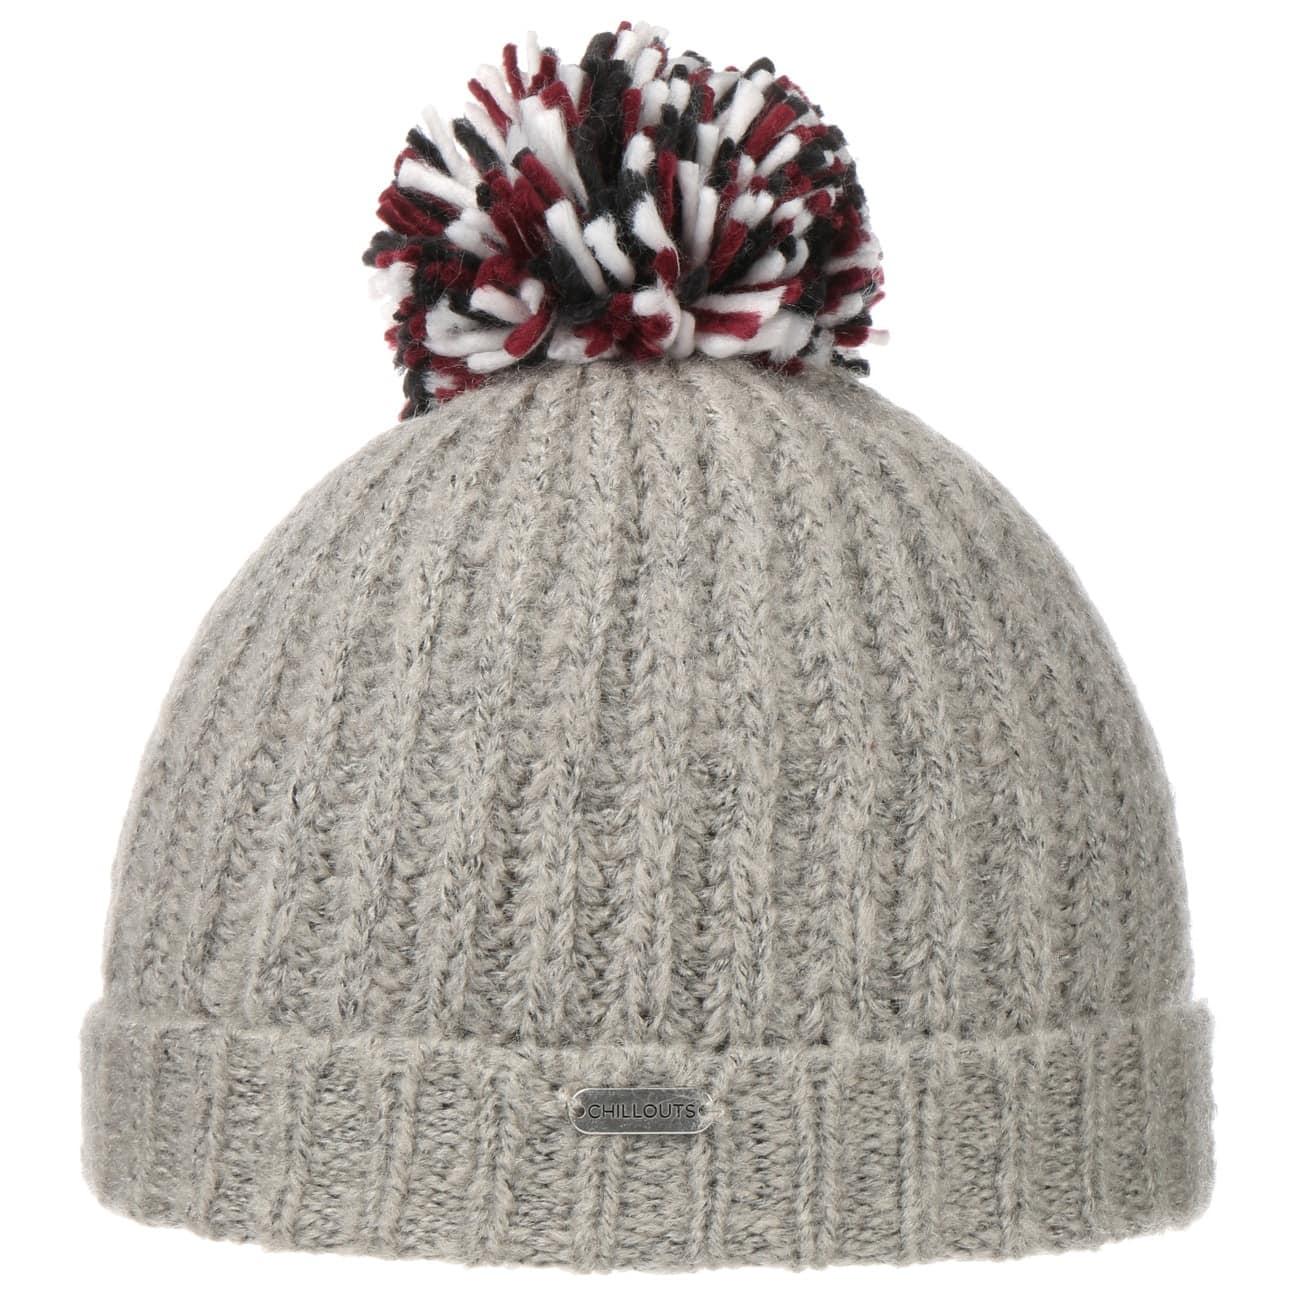 Bonnet à Pompon Alma by Chillouts  bonnet beanie